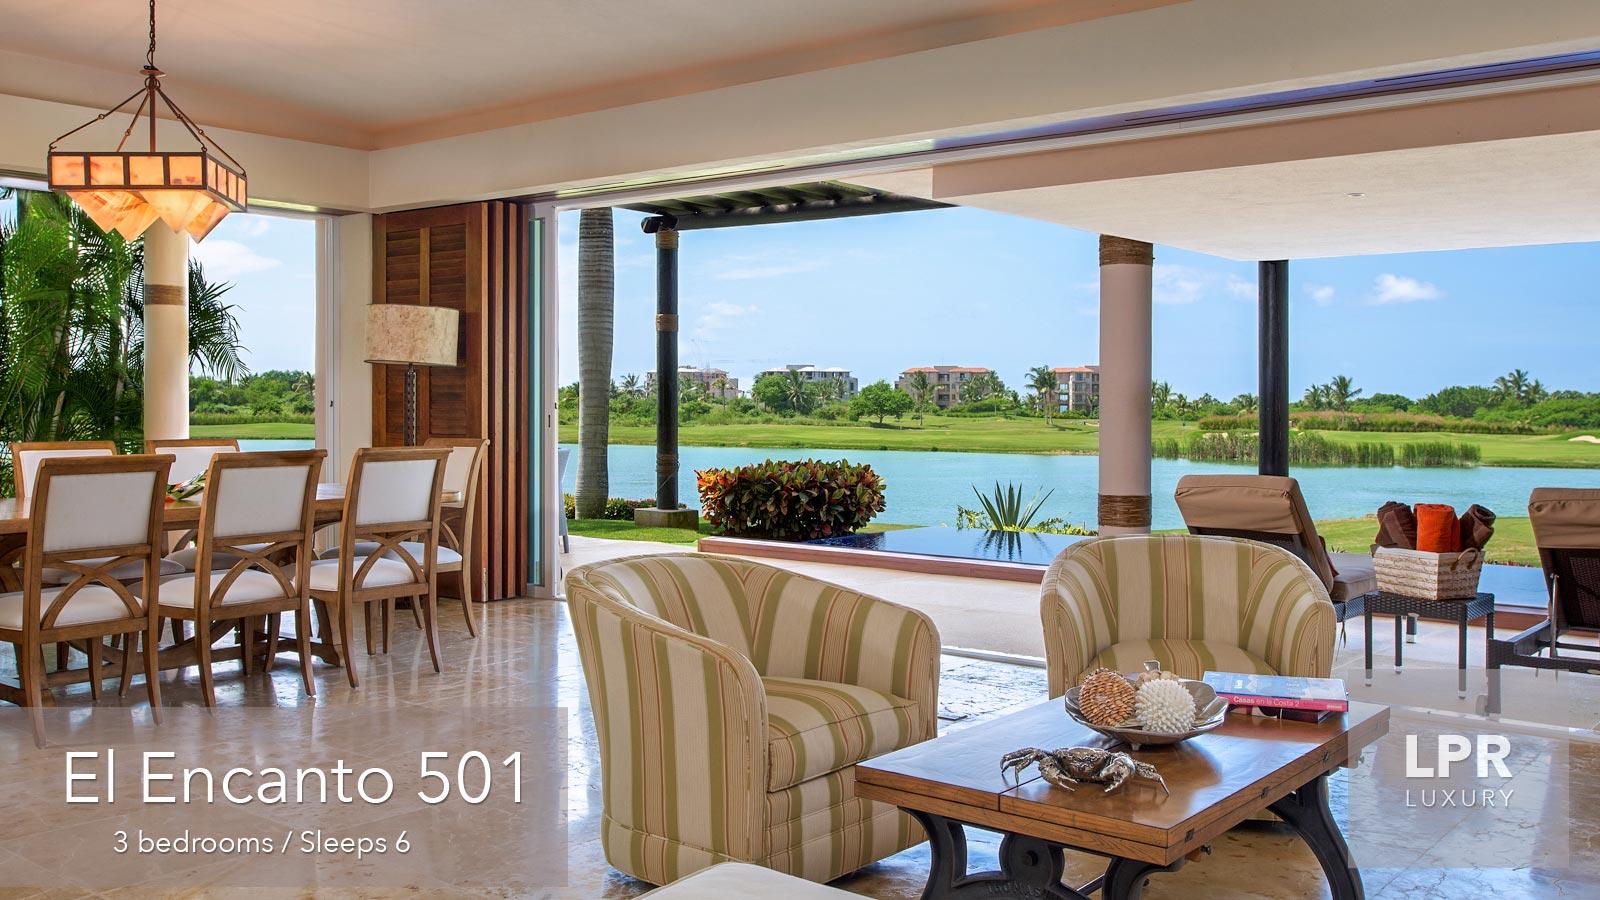 El Encanto 501 - Luxury condo at the Punta Mita Resort, Riviera Nayarit, Mexico